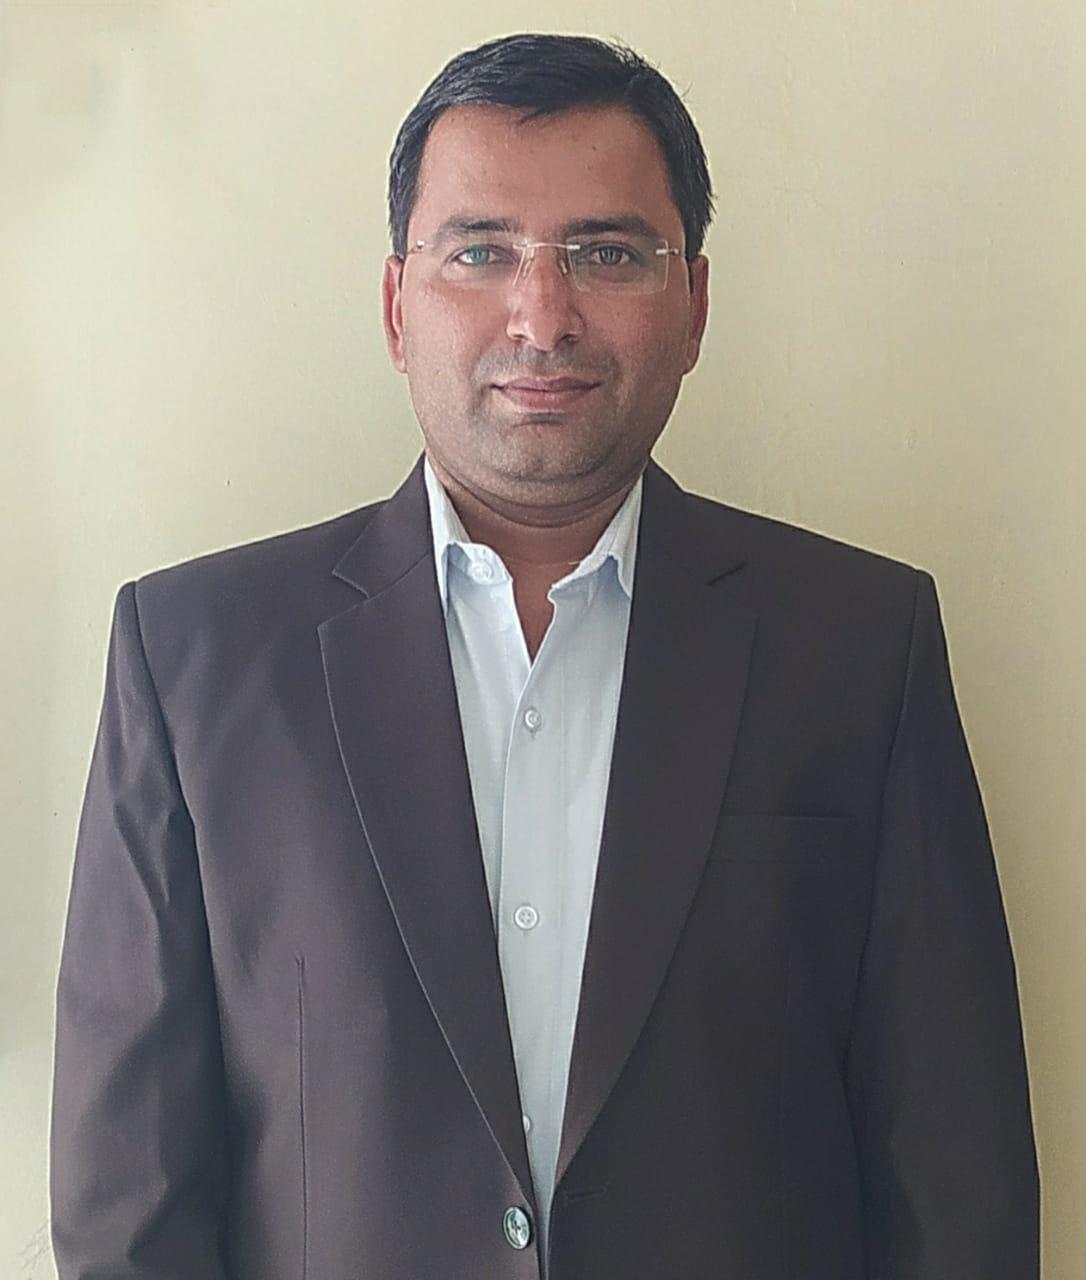 मोतीराम जाट ने हासिल किया ओबीसी में 78वी रैंक। - Dainik Bhaskar